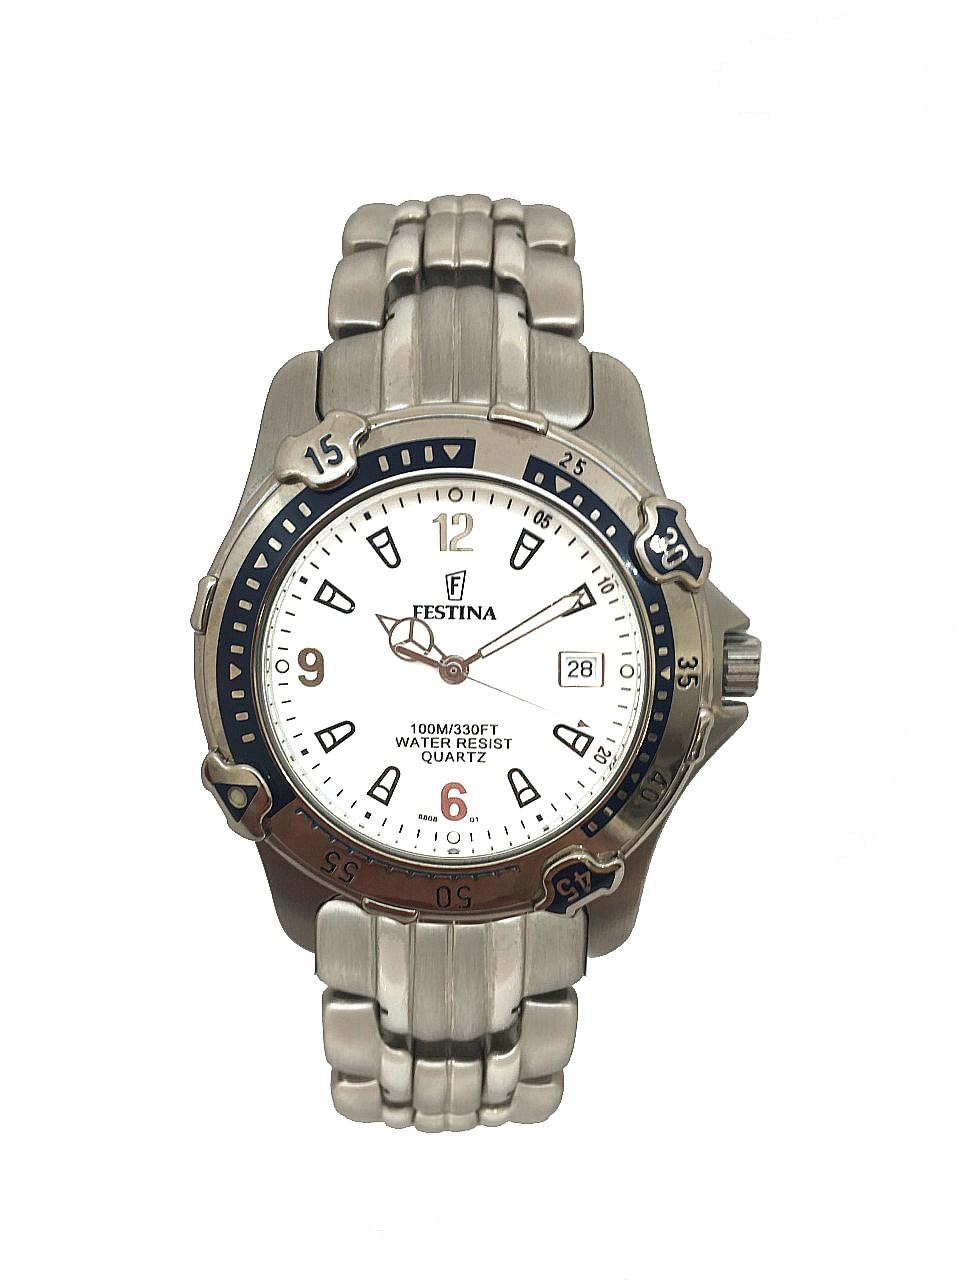 c4e1bfd3c729 Relojes festina - precio en tiendas de 30€ a 68€ - LaTOP.es